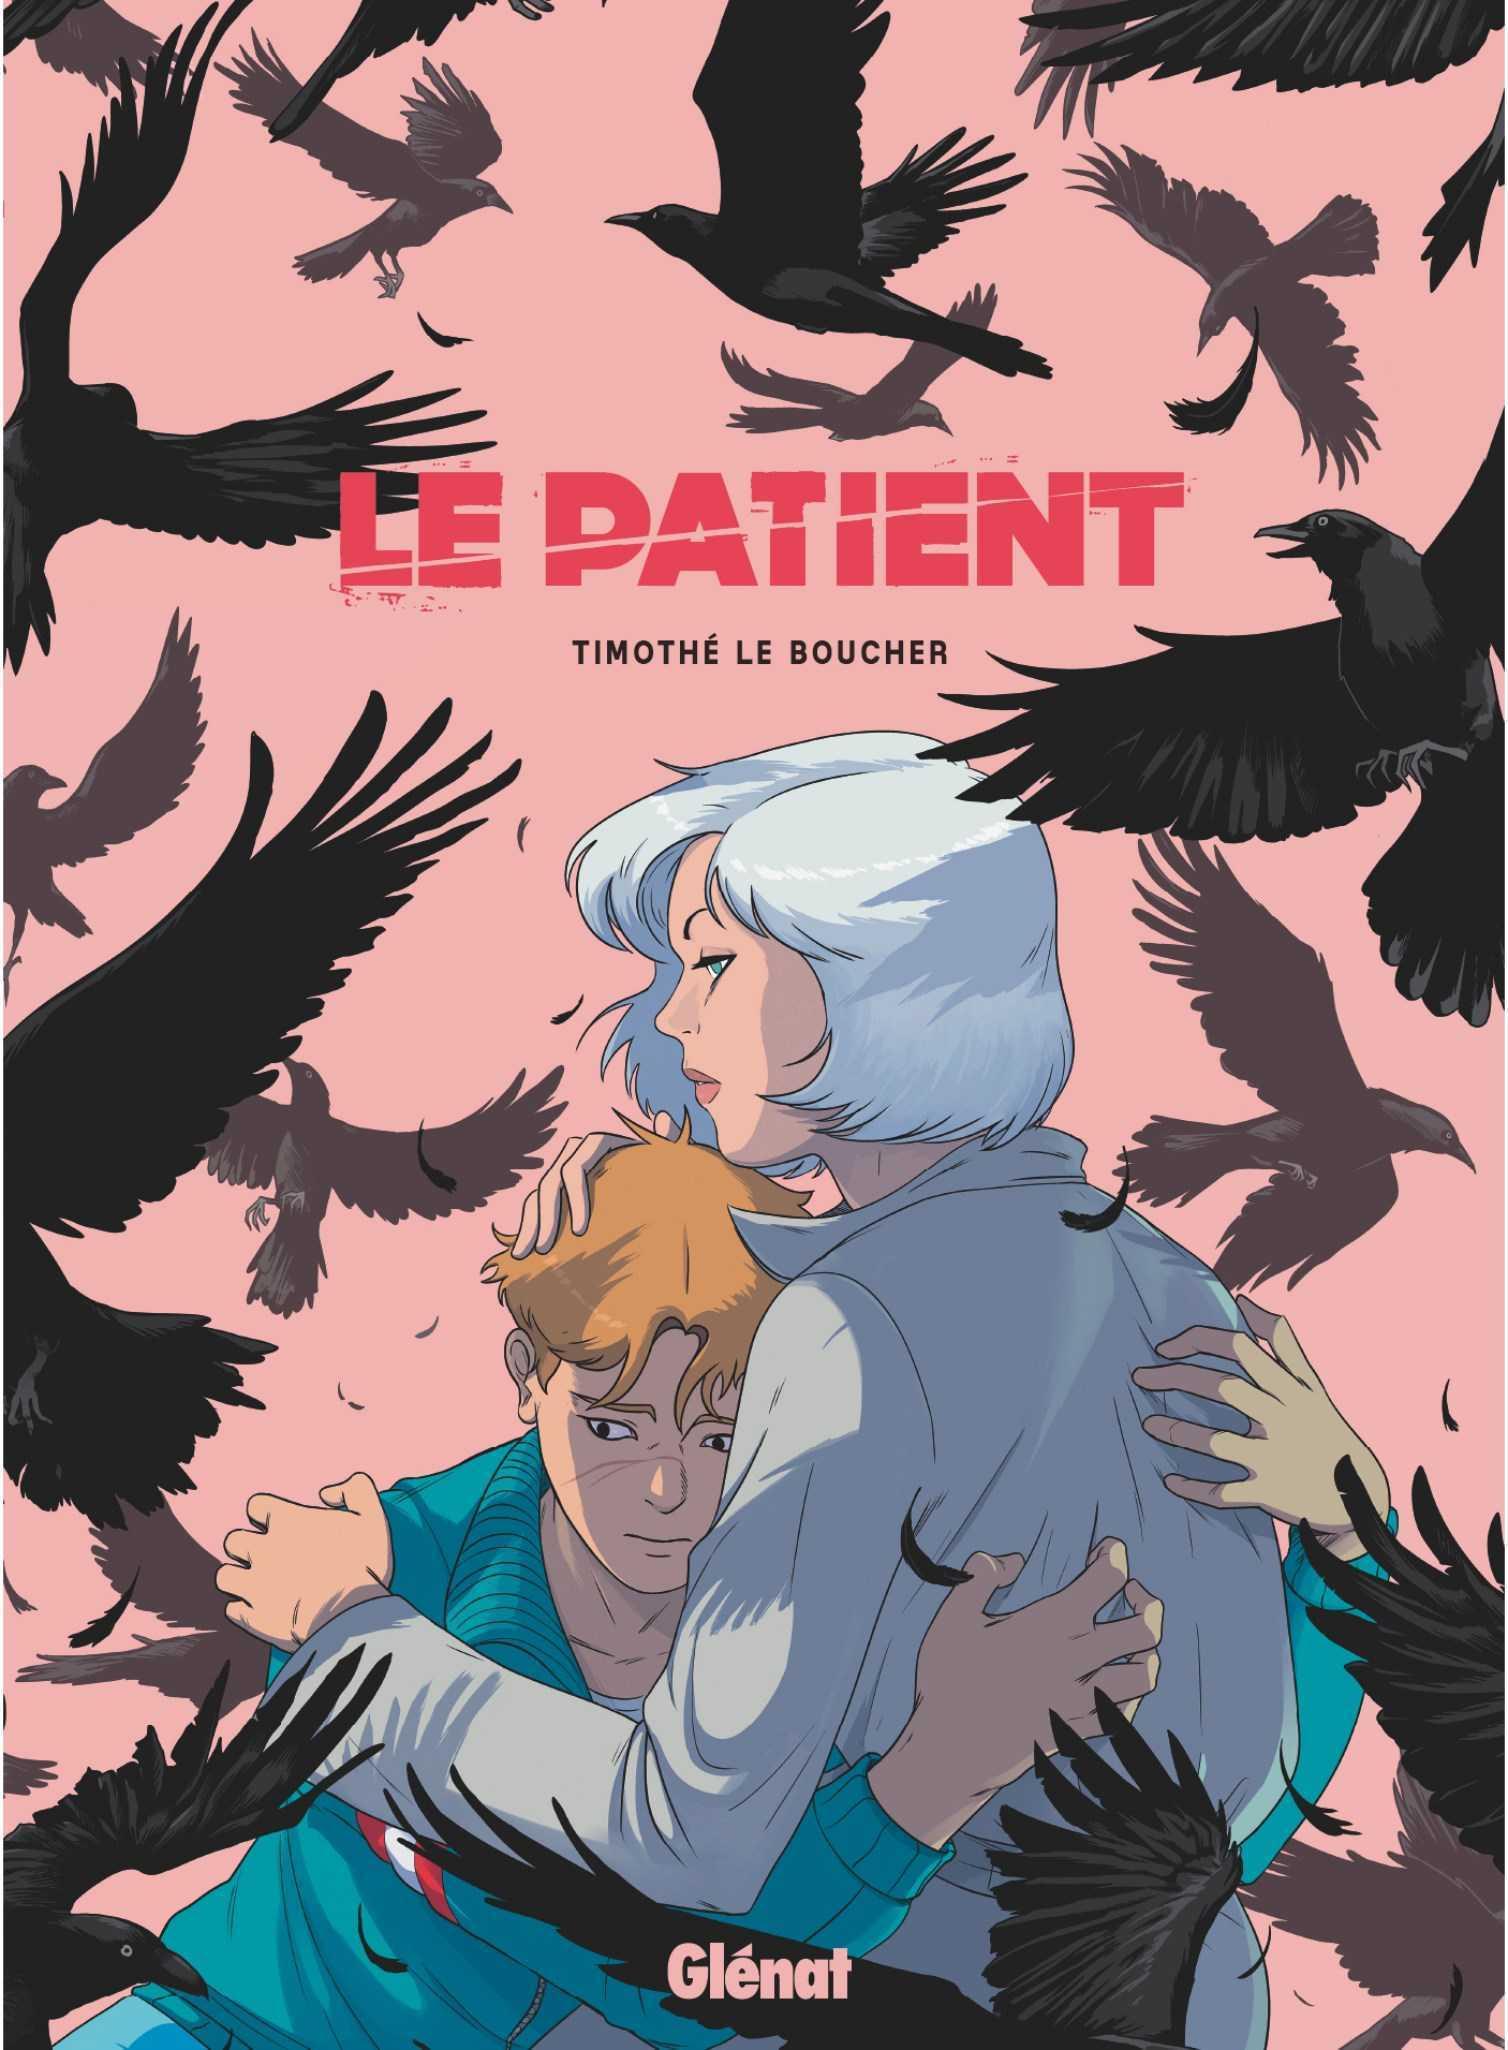 Le Patient, un polar ambigu mais assez prévisible